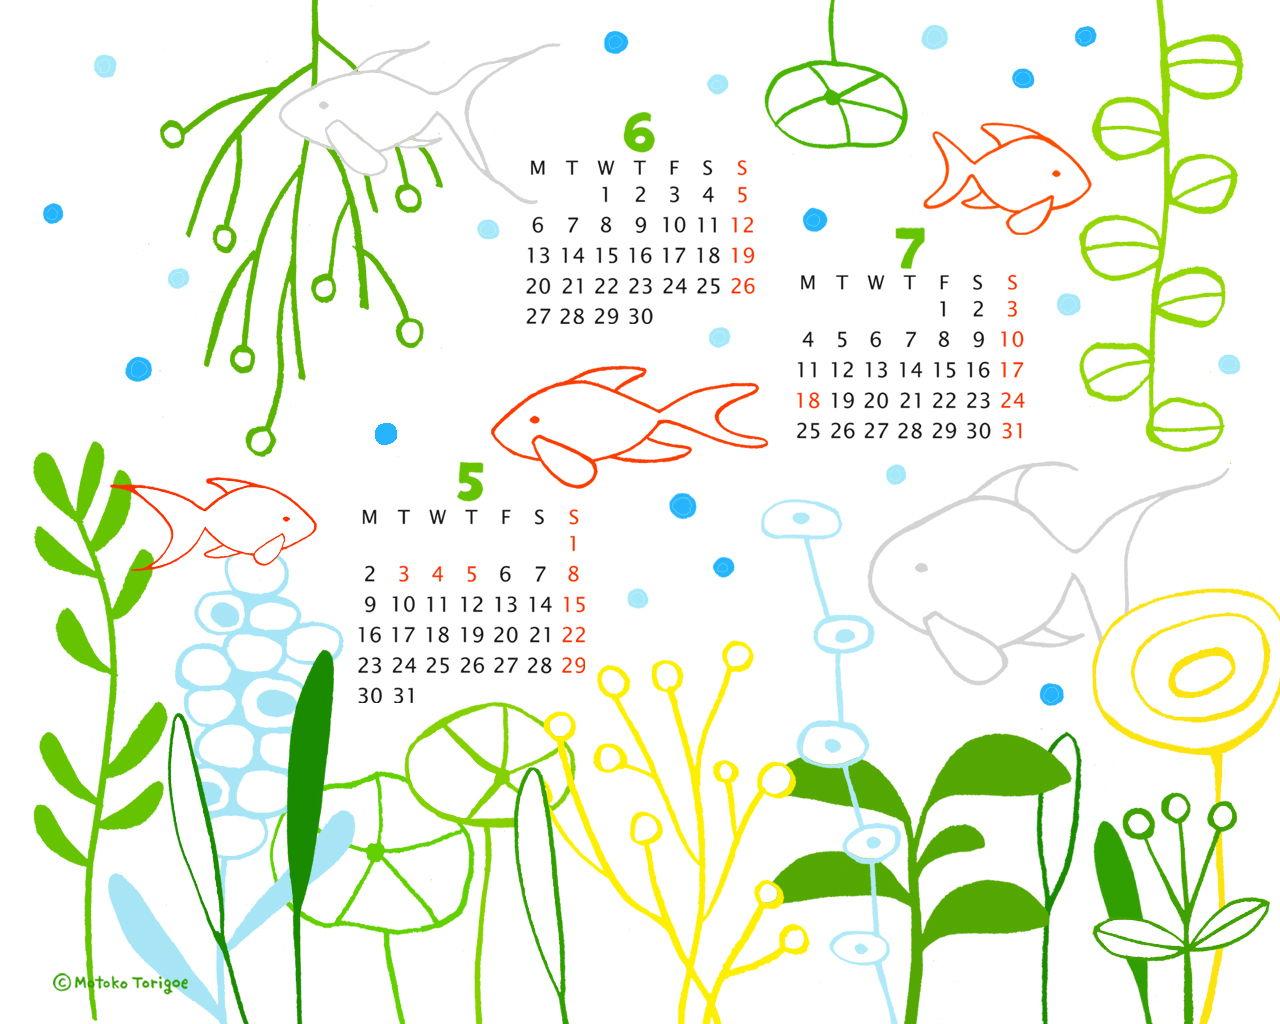 2011年5月6月7月カレンダーつきイラスト壁紙その2です 1280 1024 トリゴエ モトコ Awrd アワード